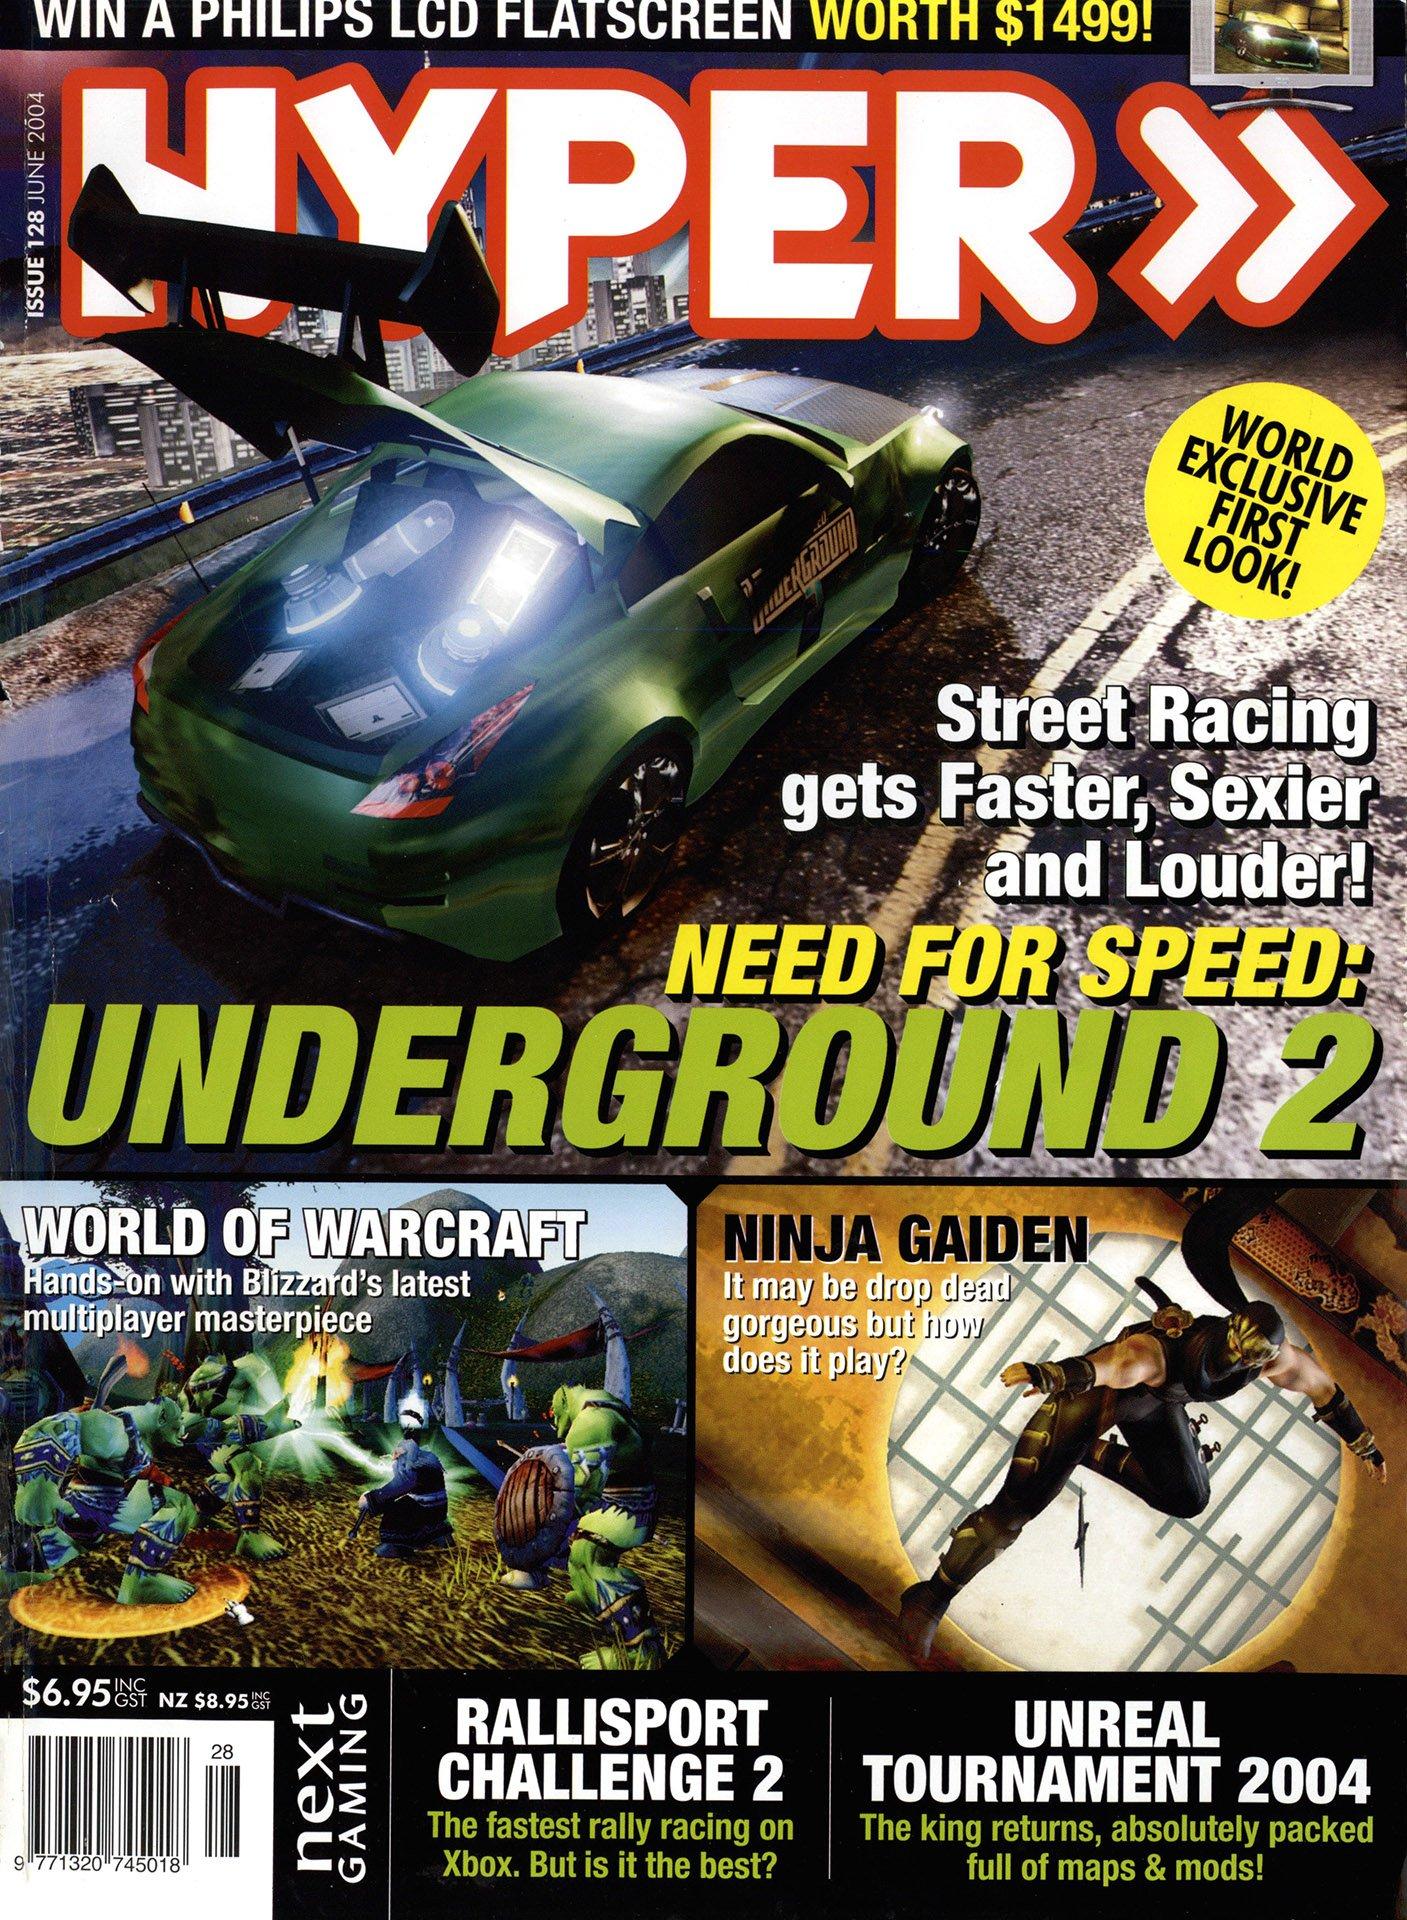 Hyper 128 (June 2004)